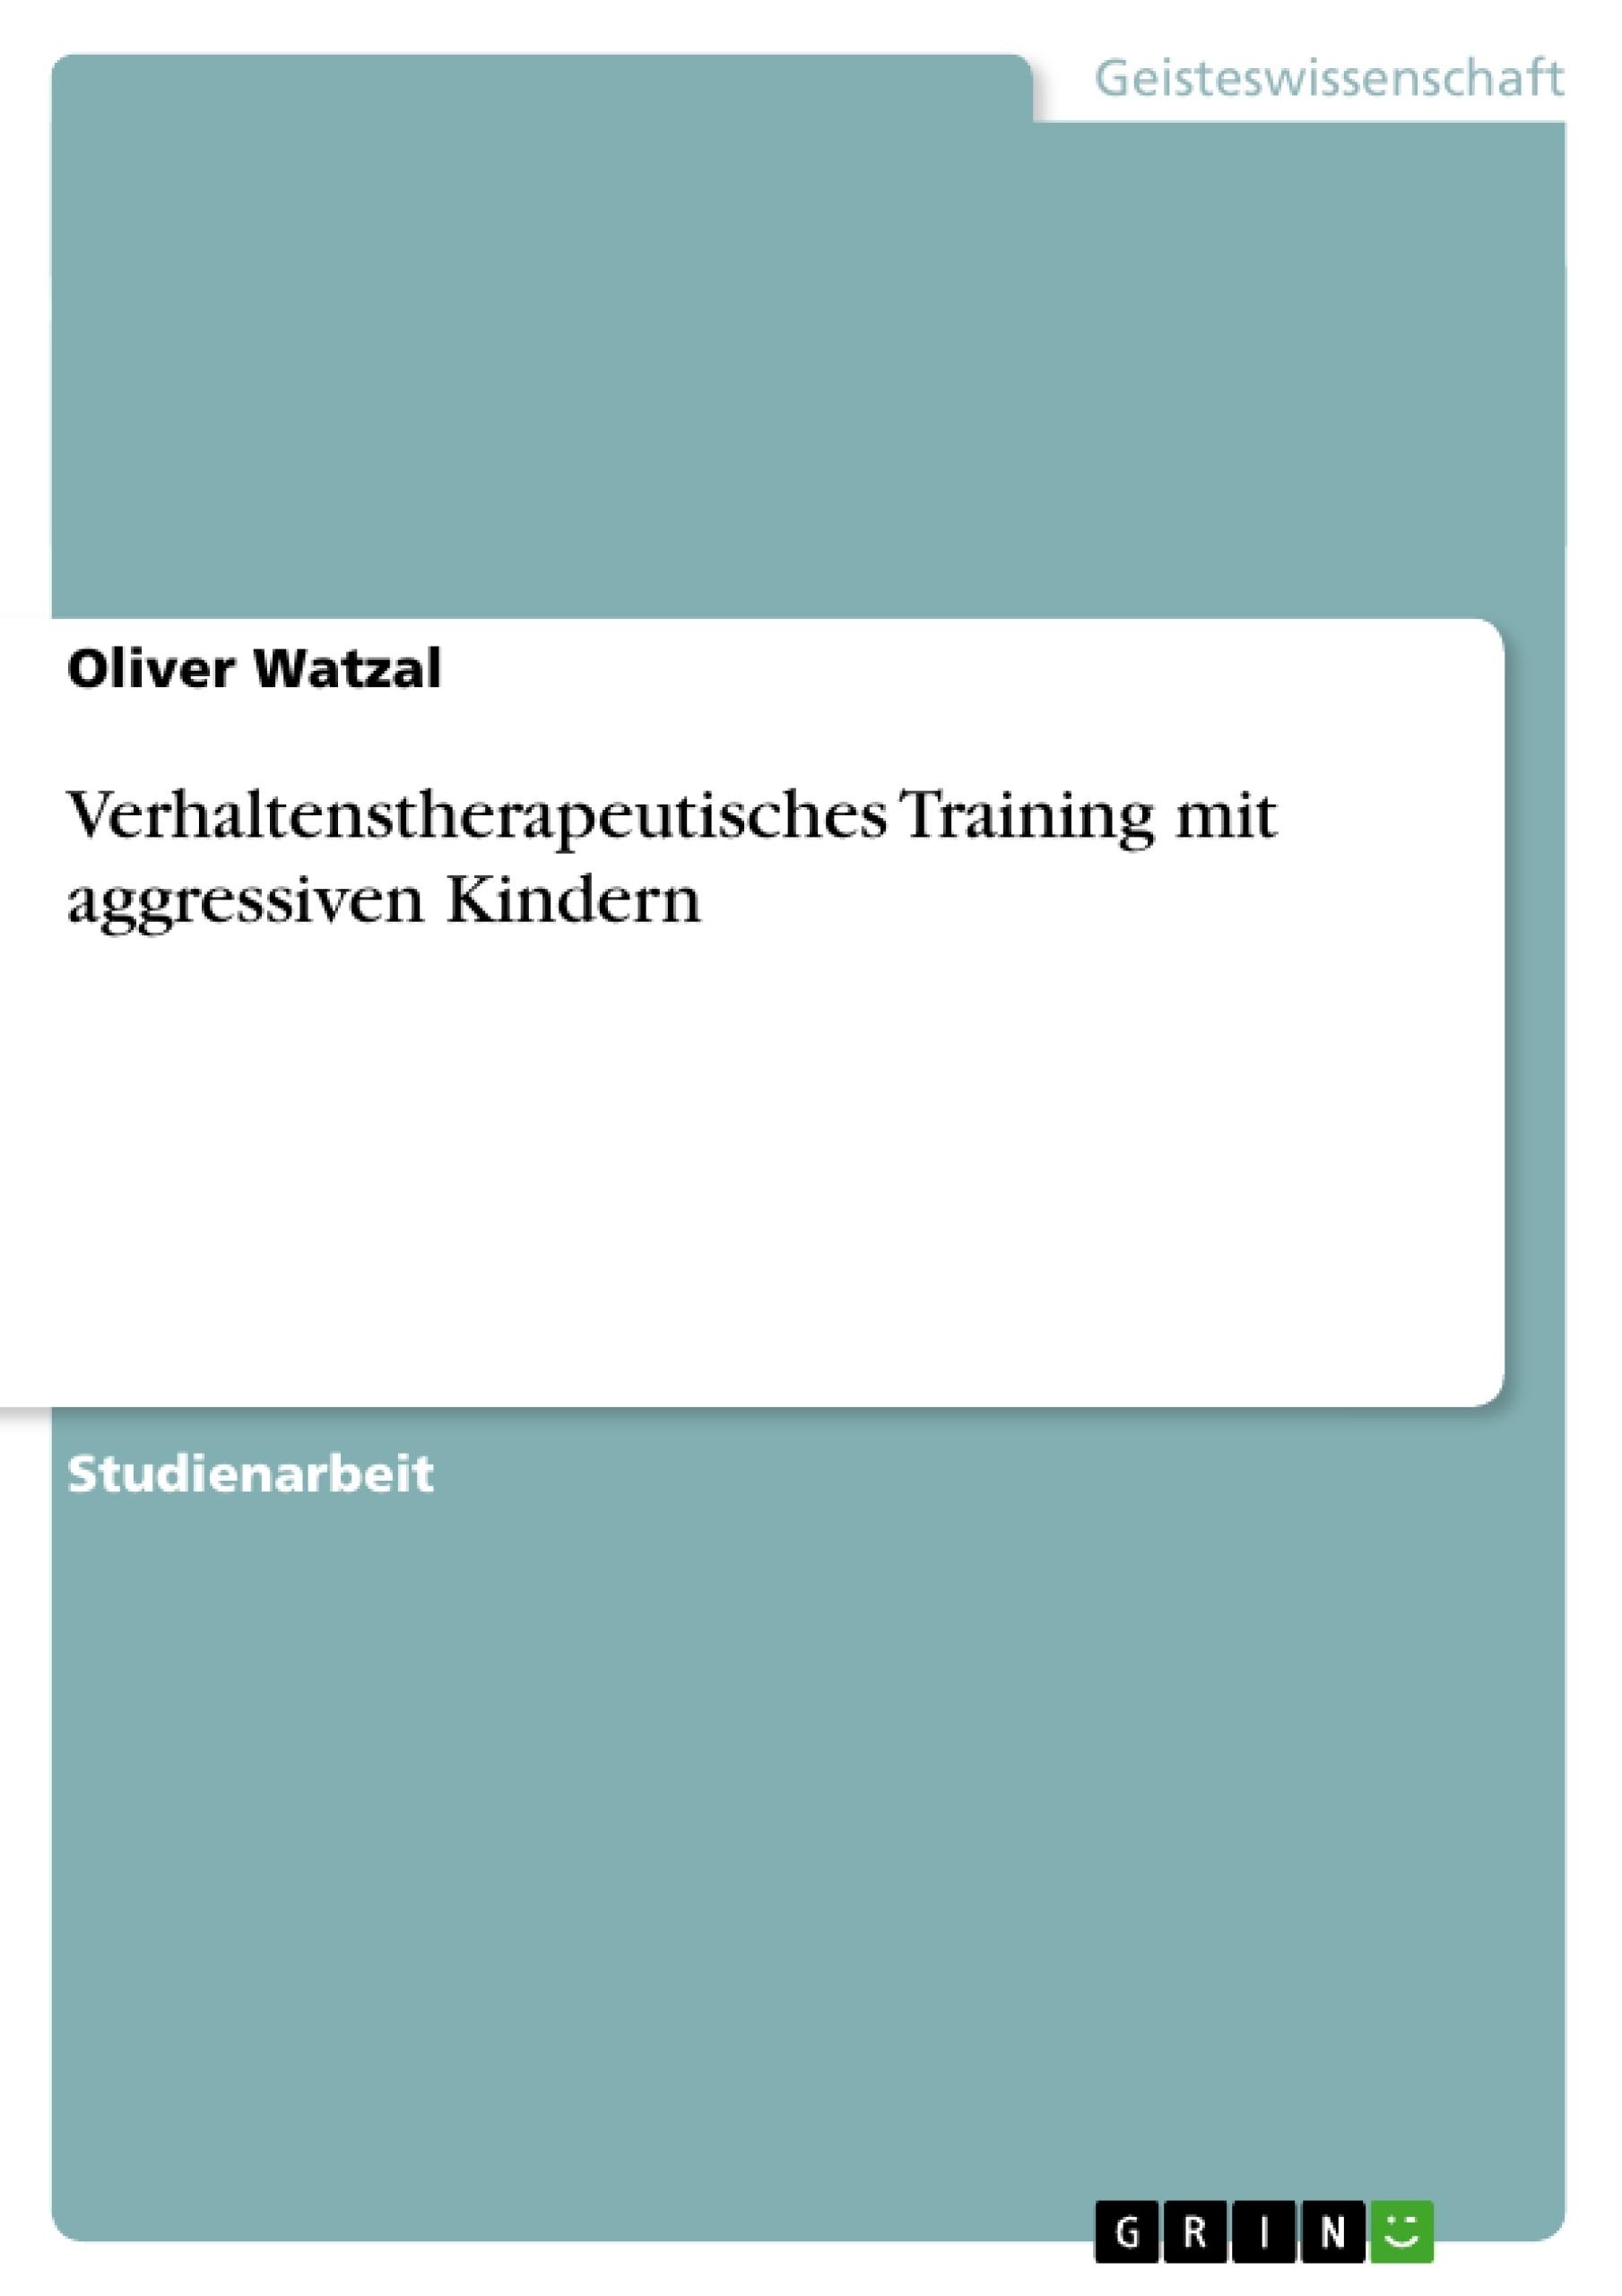 Titel: Verhaltenstherapeutisches Training mit aggressiven Kindern